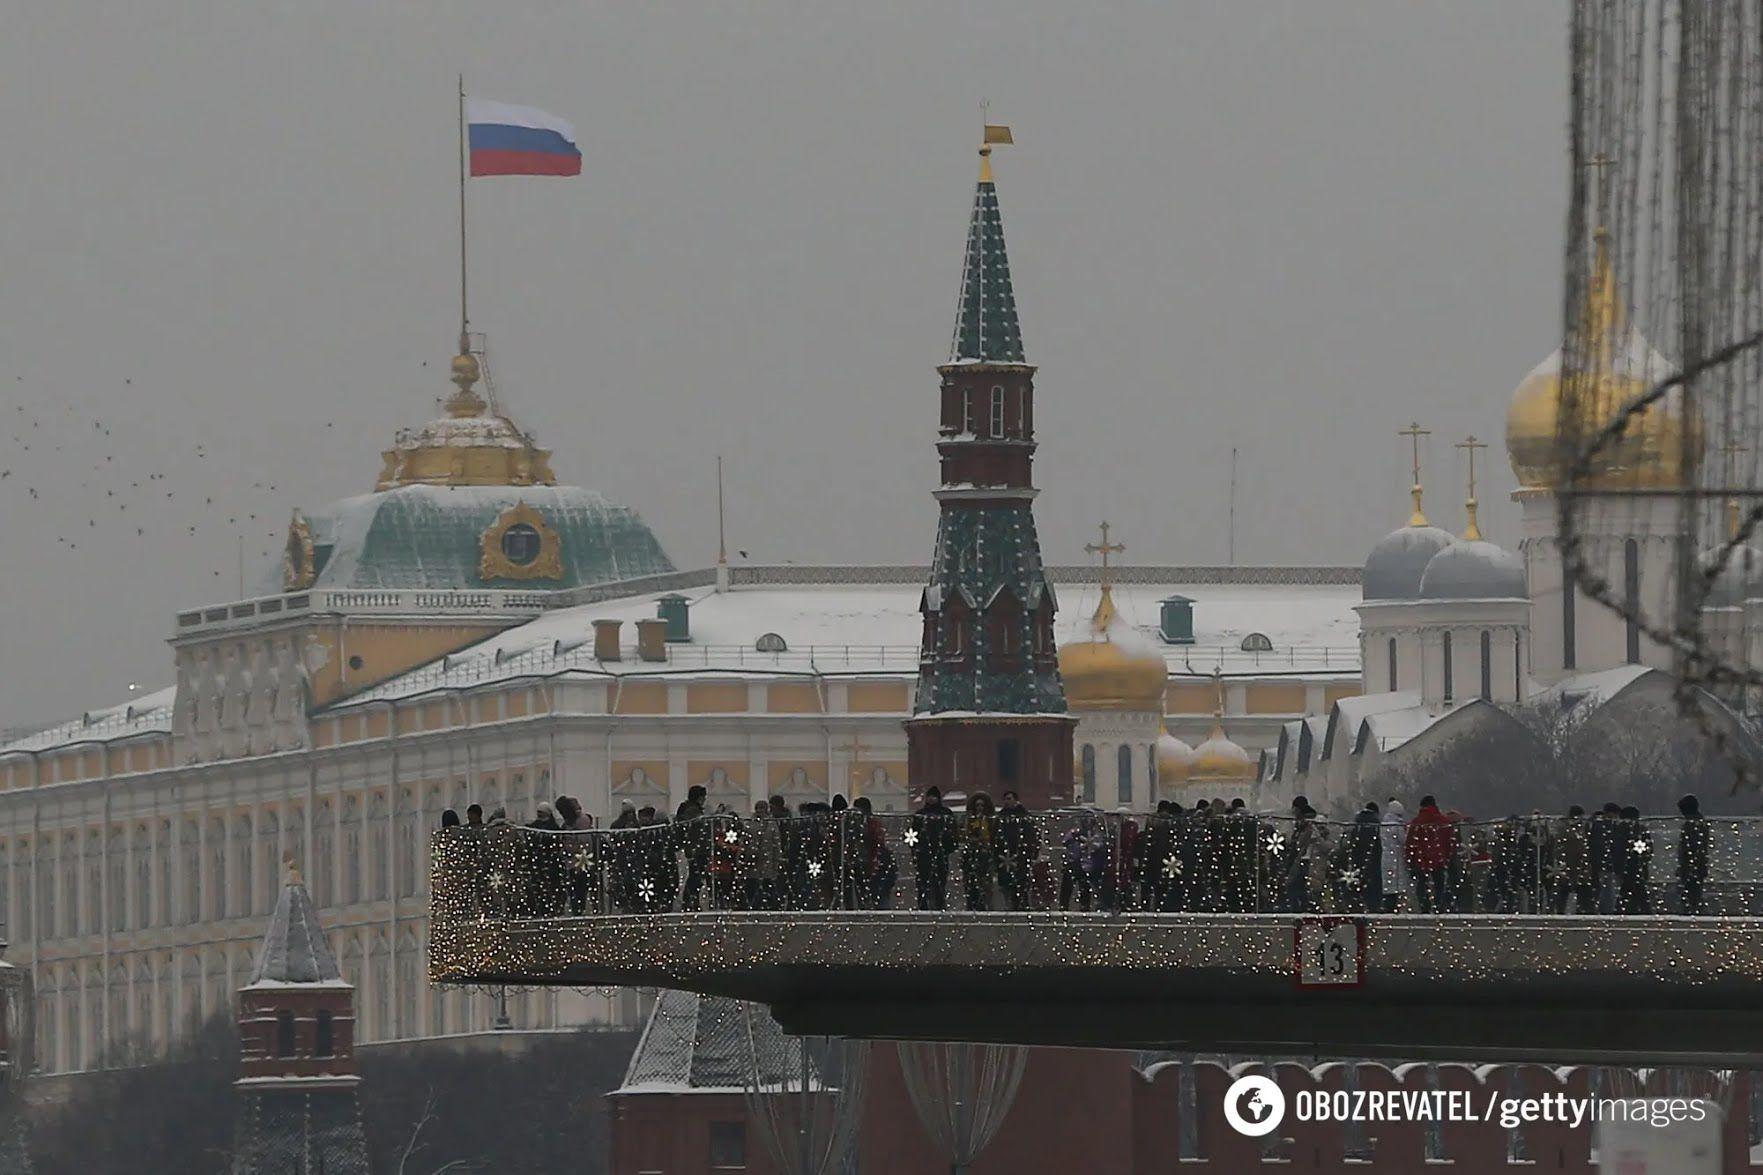 В Кремле могут прибегнуть к манипуляциям и обману, считают эксперты